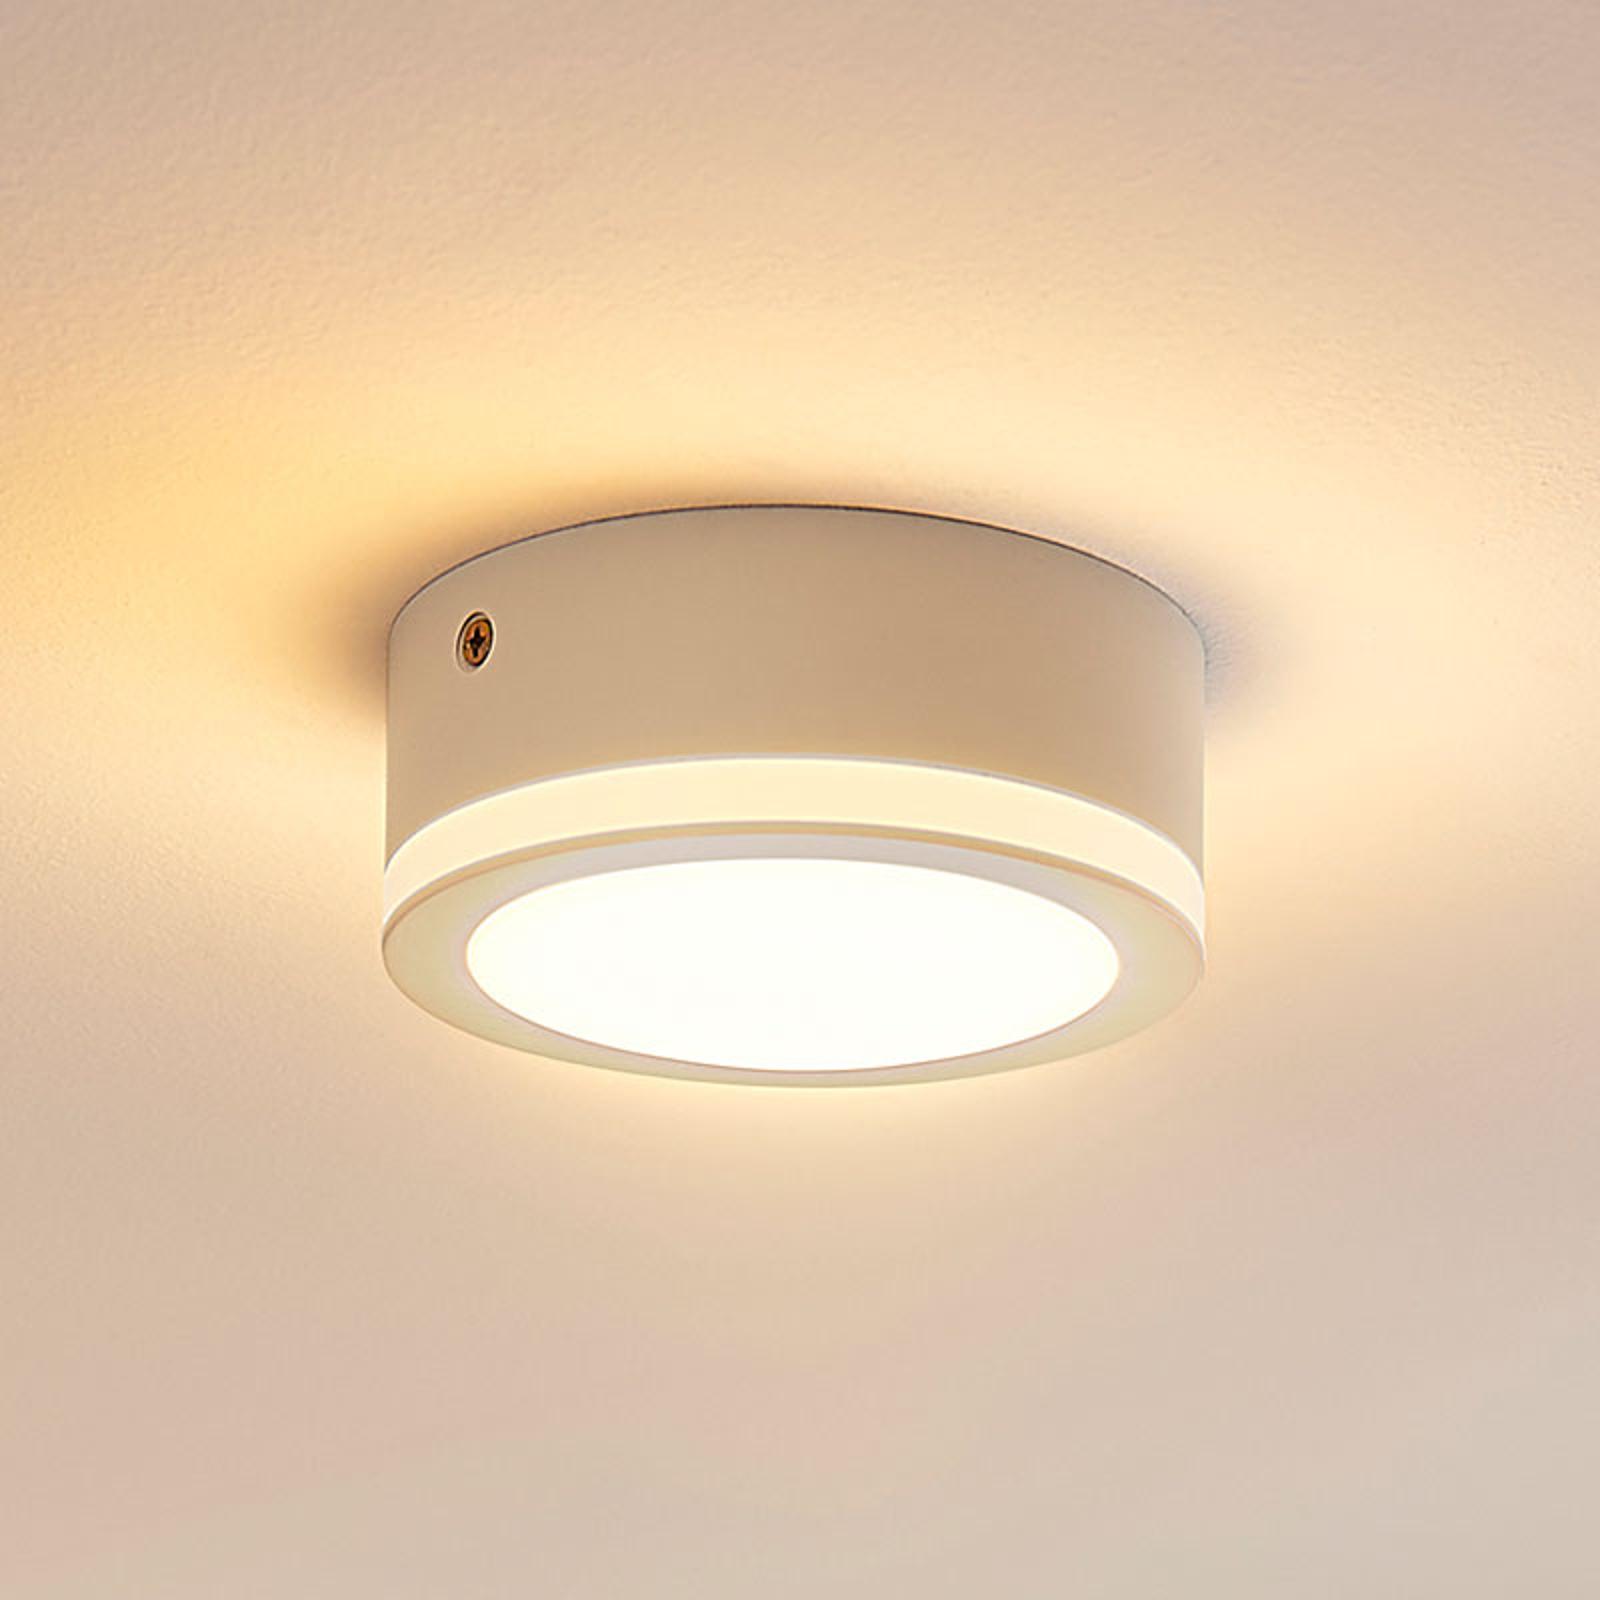 Pelkistetty pyöreä LED-kattovalaisin Quirina